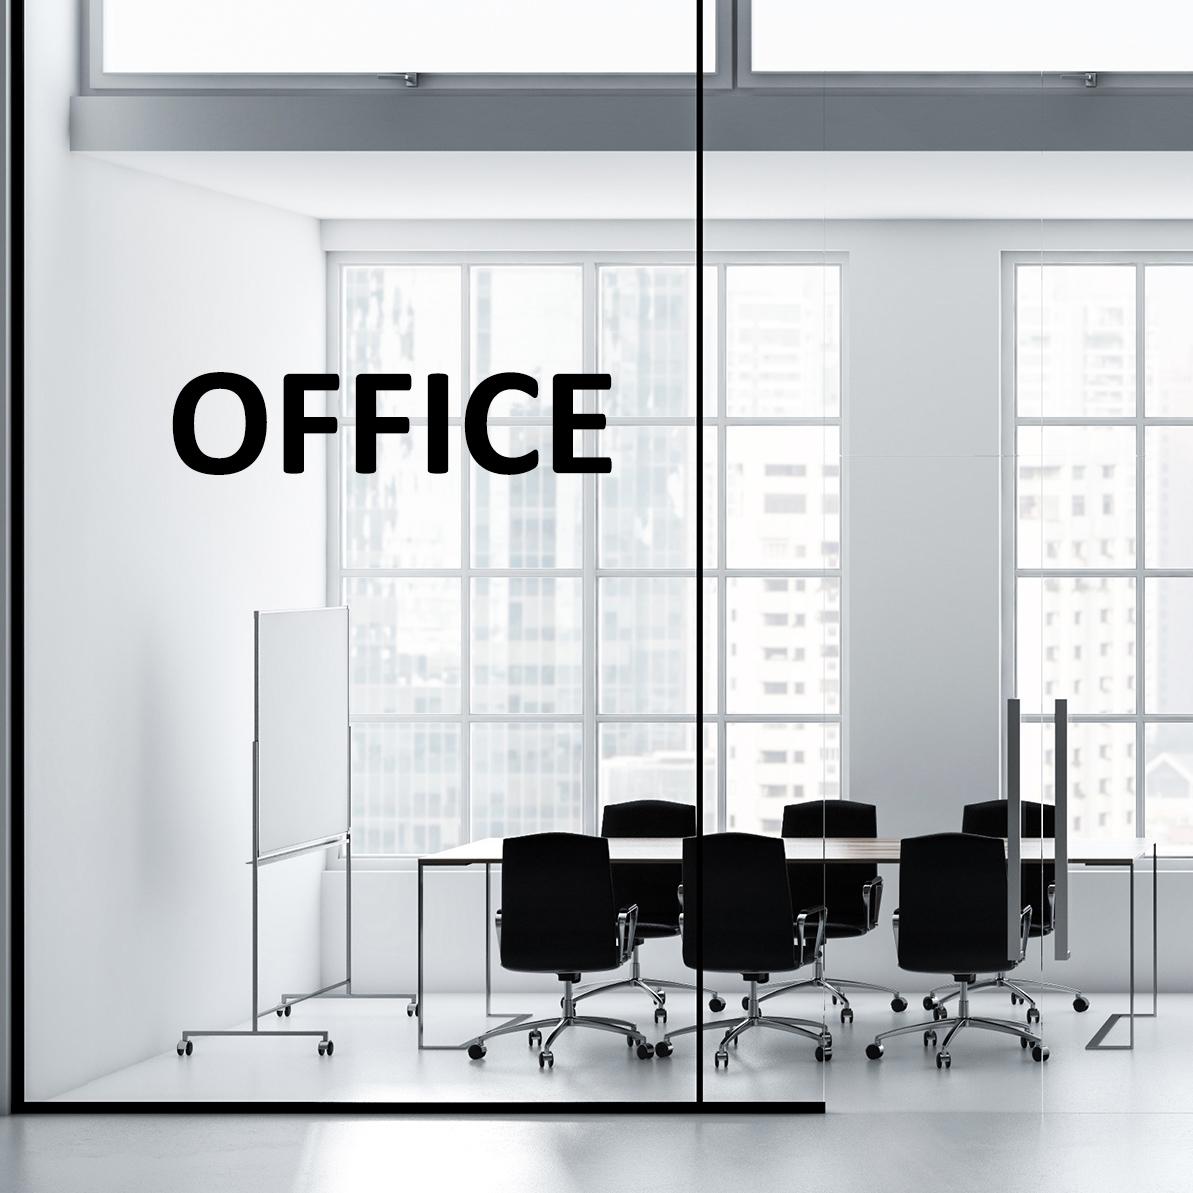 Aufkleber OFFICE Türaufkleber Hinweisschild Sticker